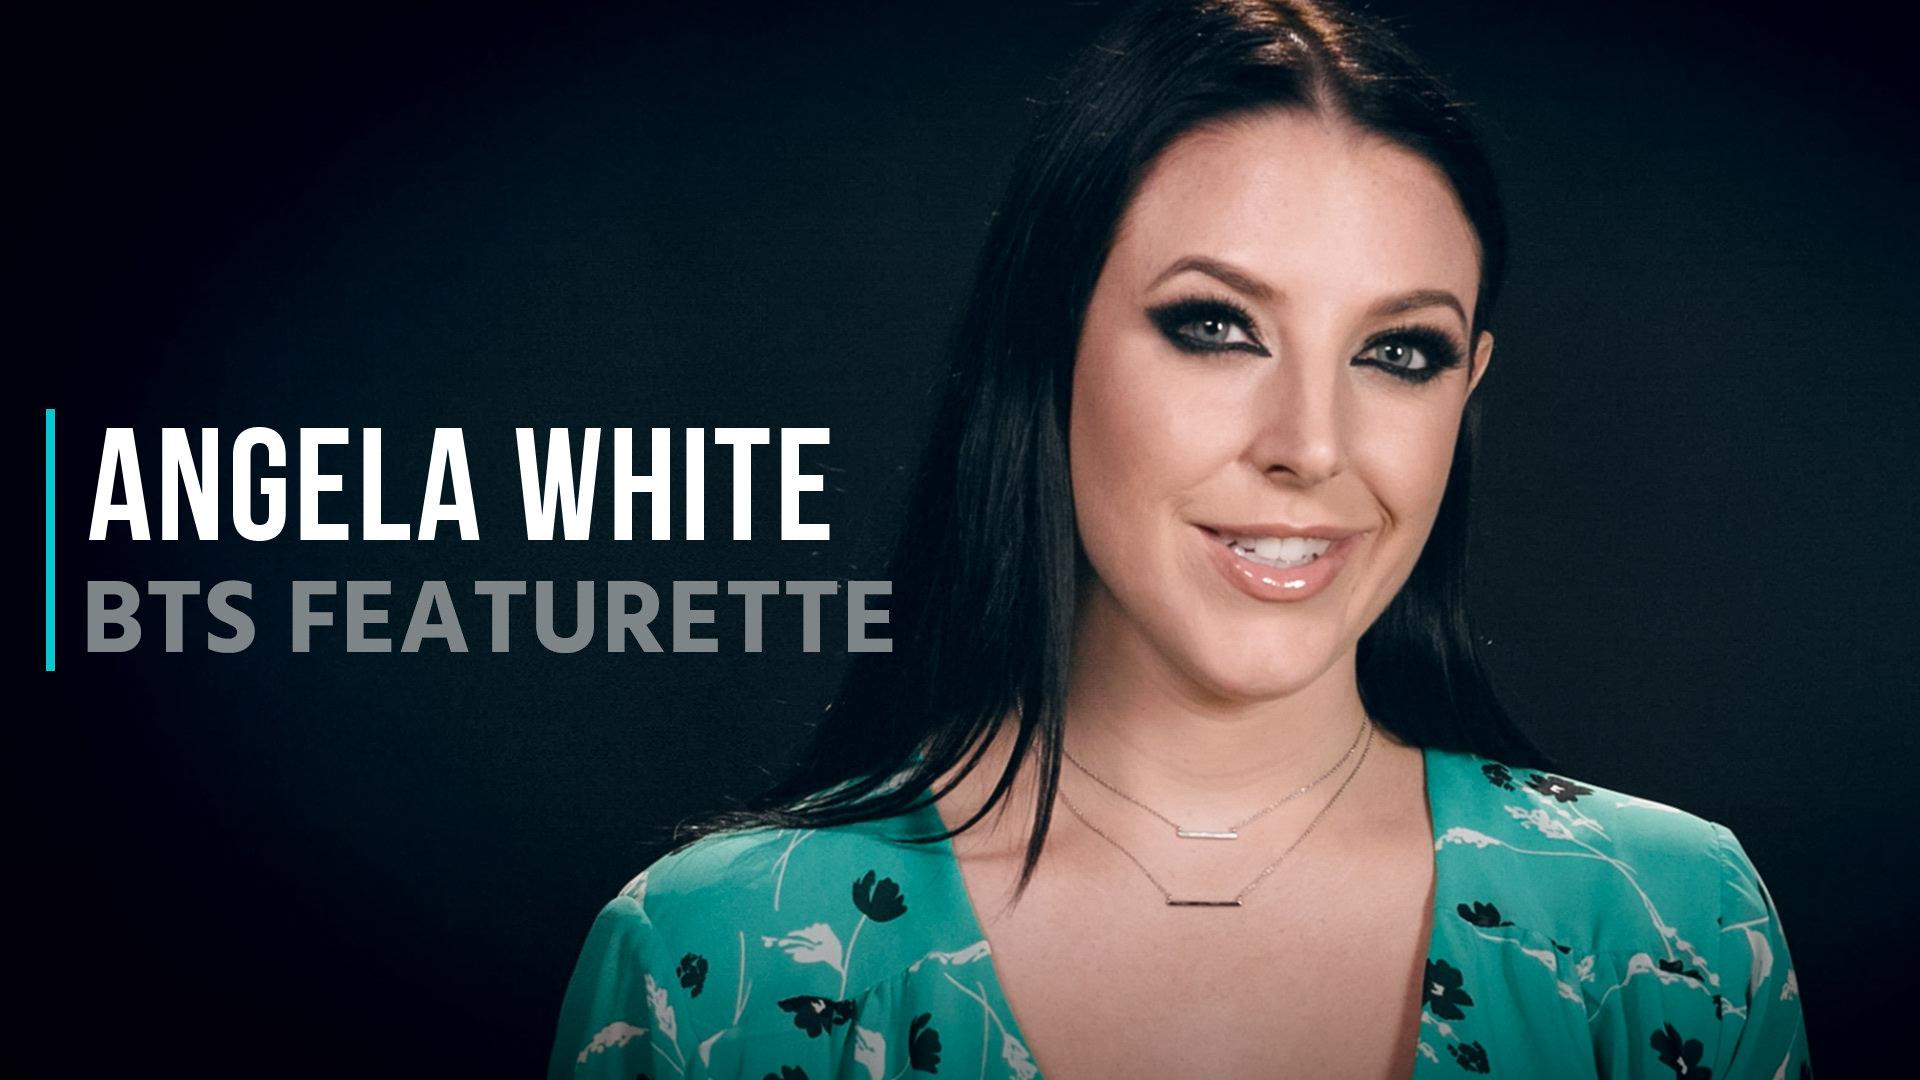 Angela White: BTS Featurette - Angela White 1